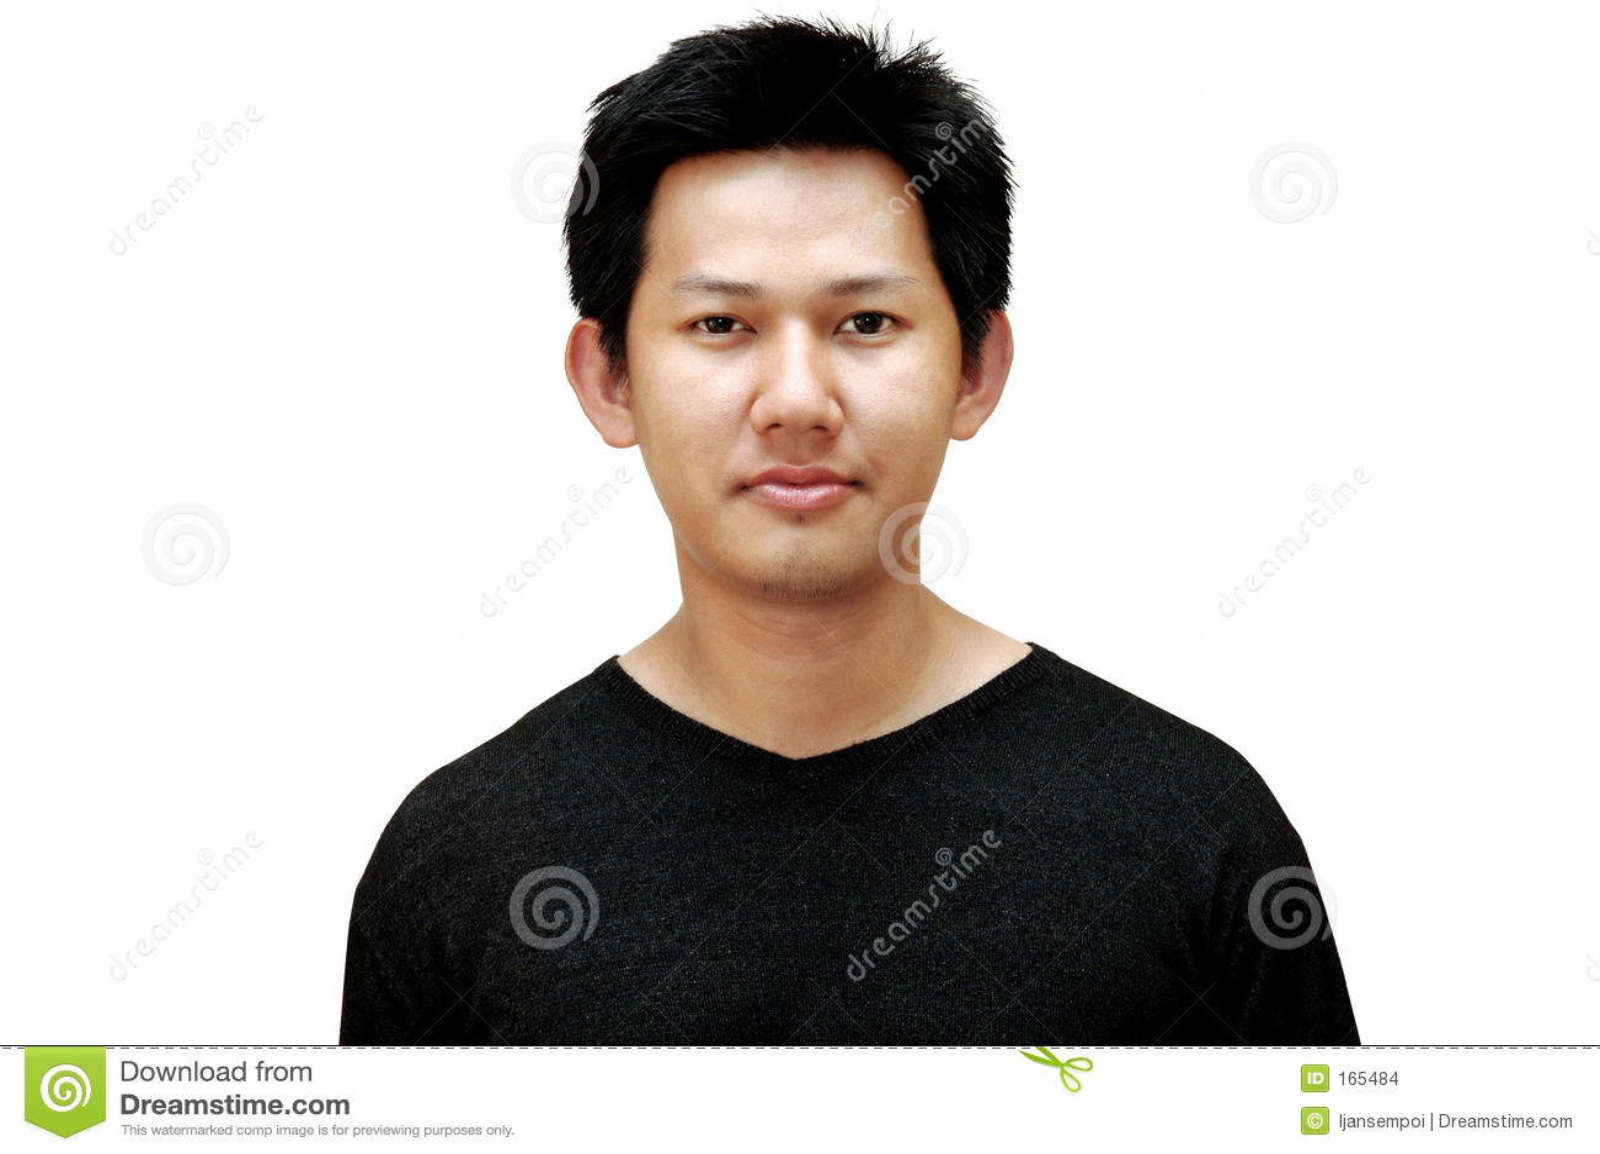 Casual male portrait